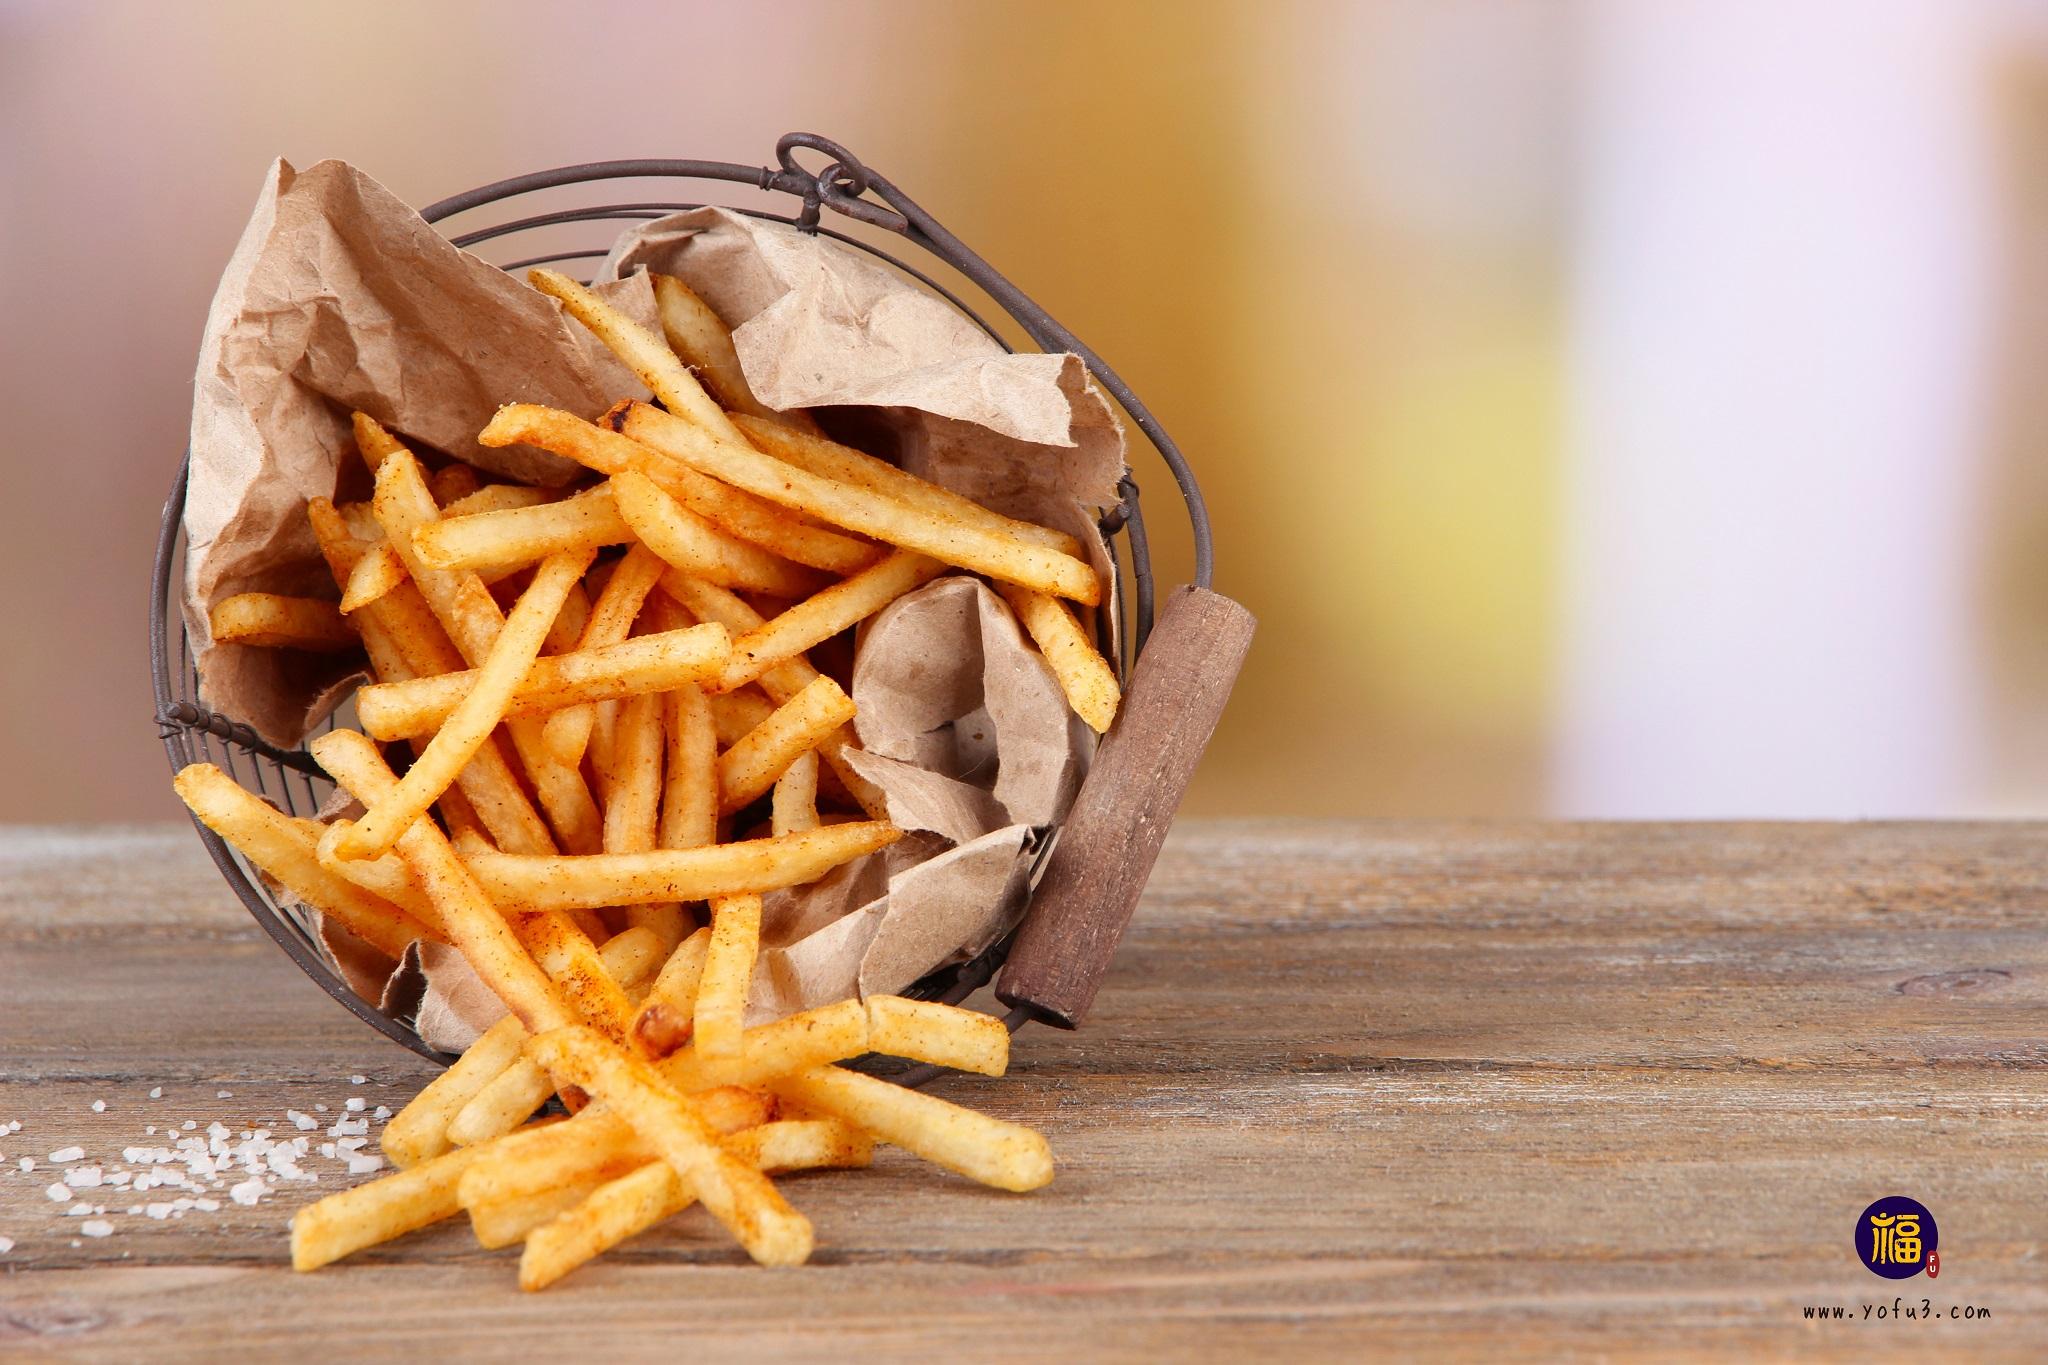 特選法式薯條 (Selected French Fries)